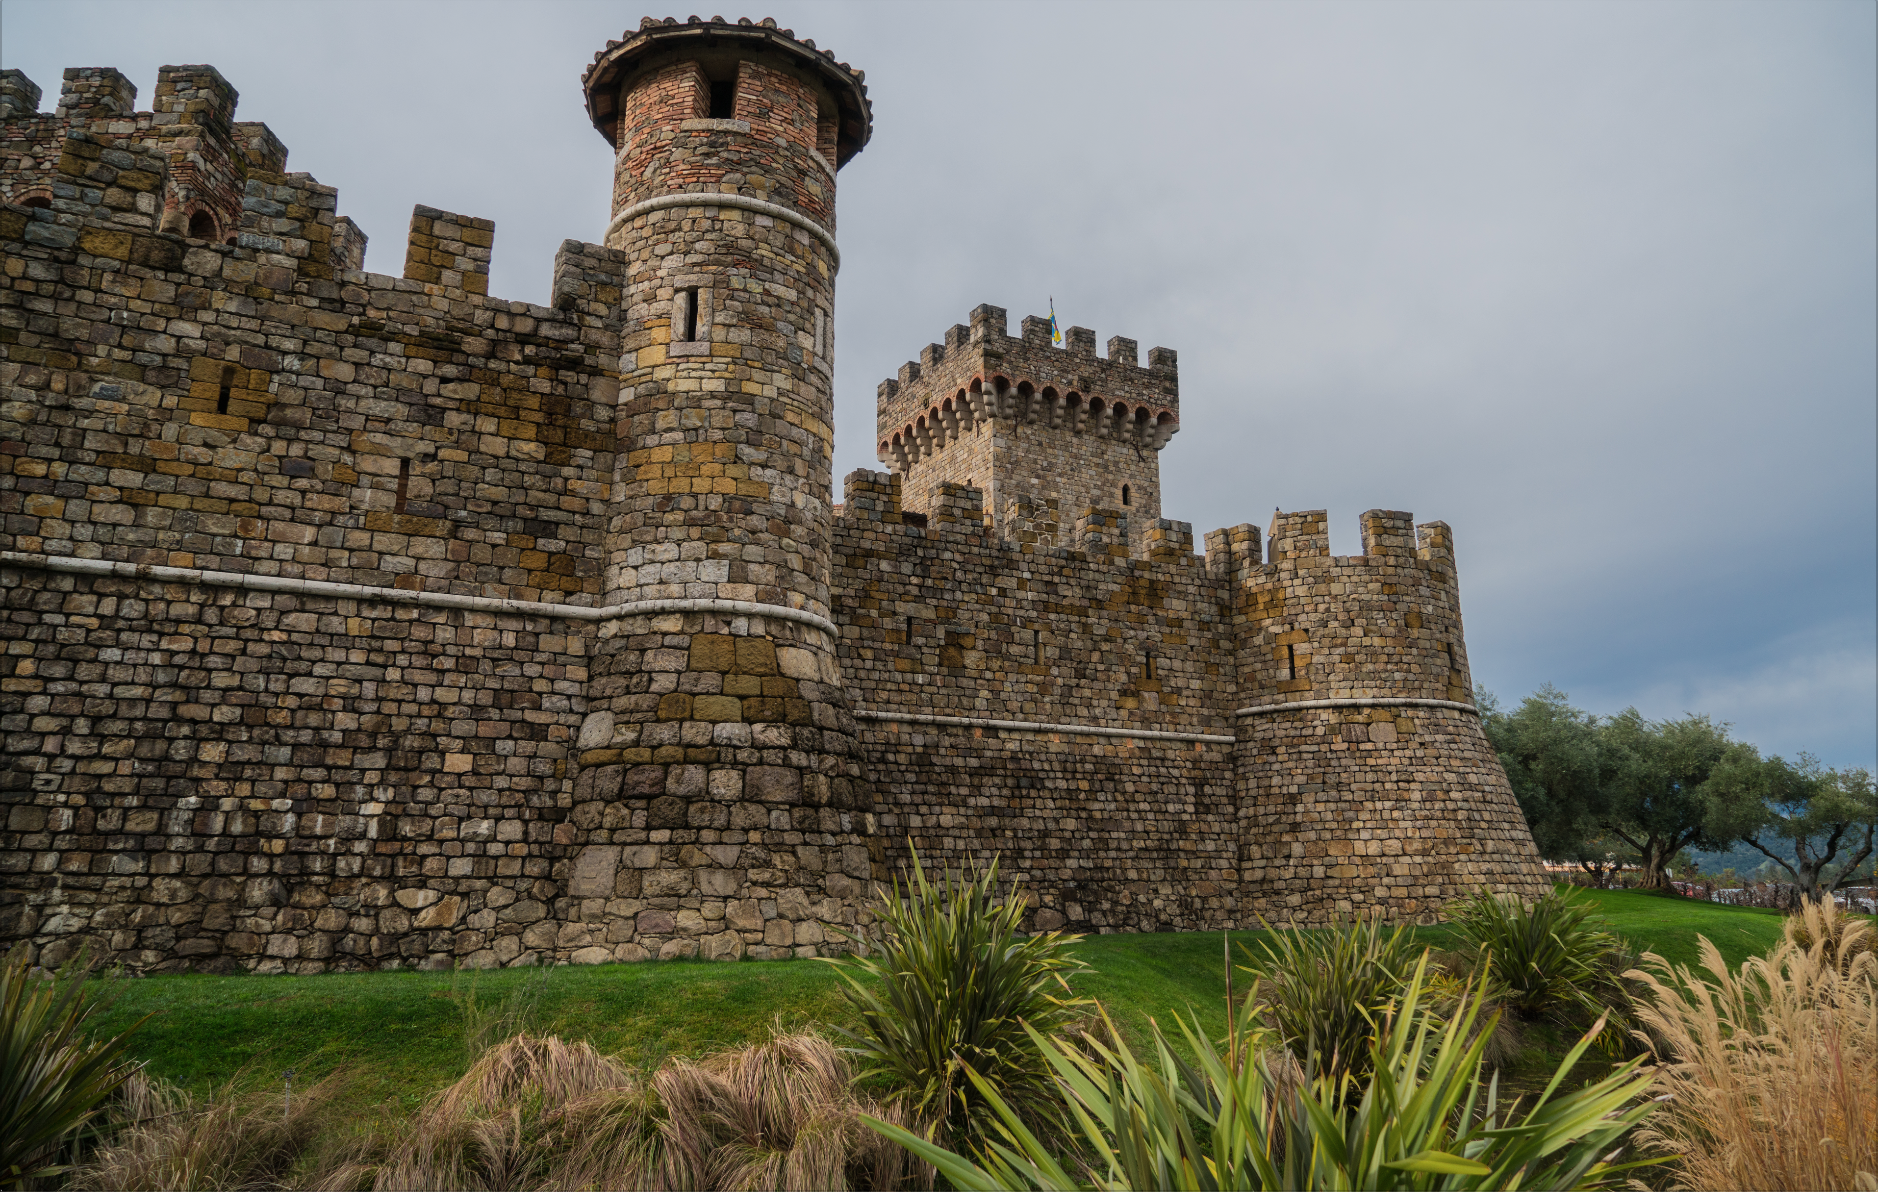 Copy of Castello Di Amorosa Castle Winery - Napa, CA